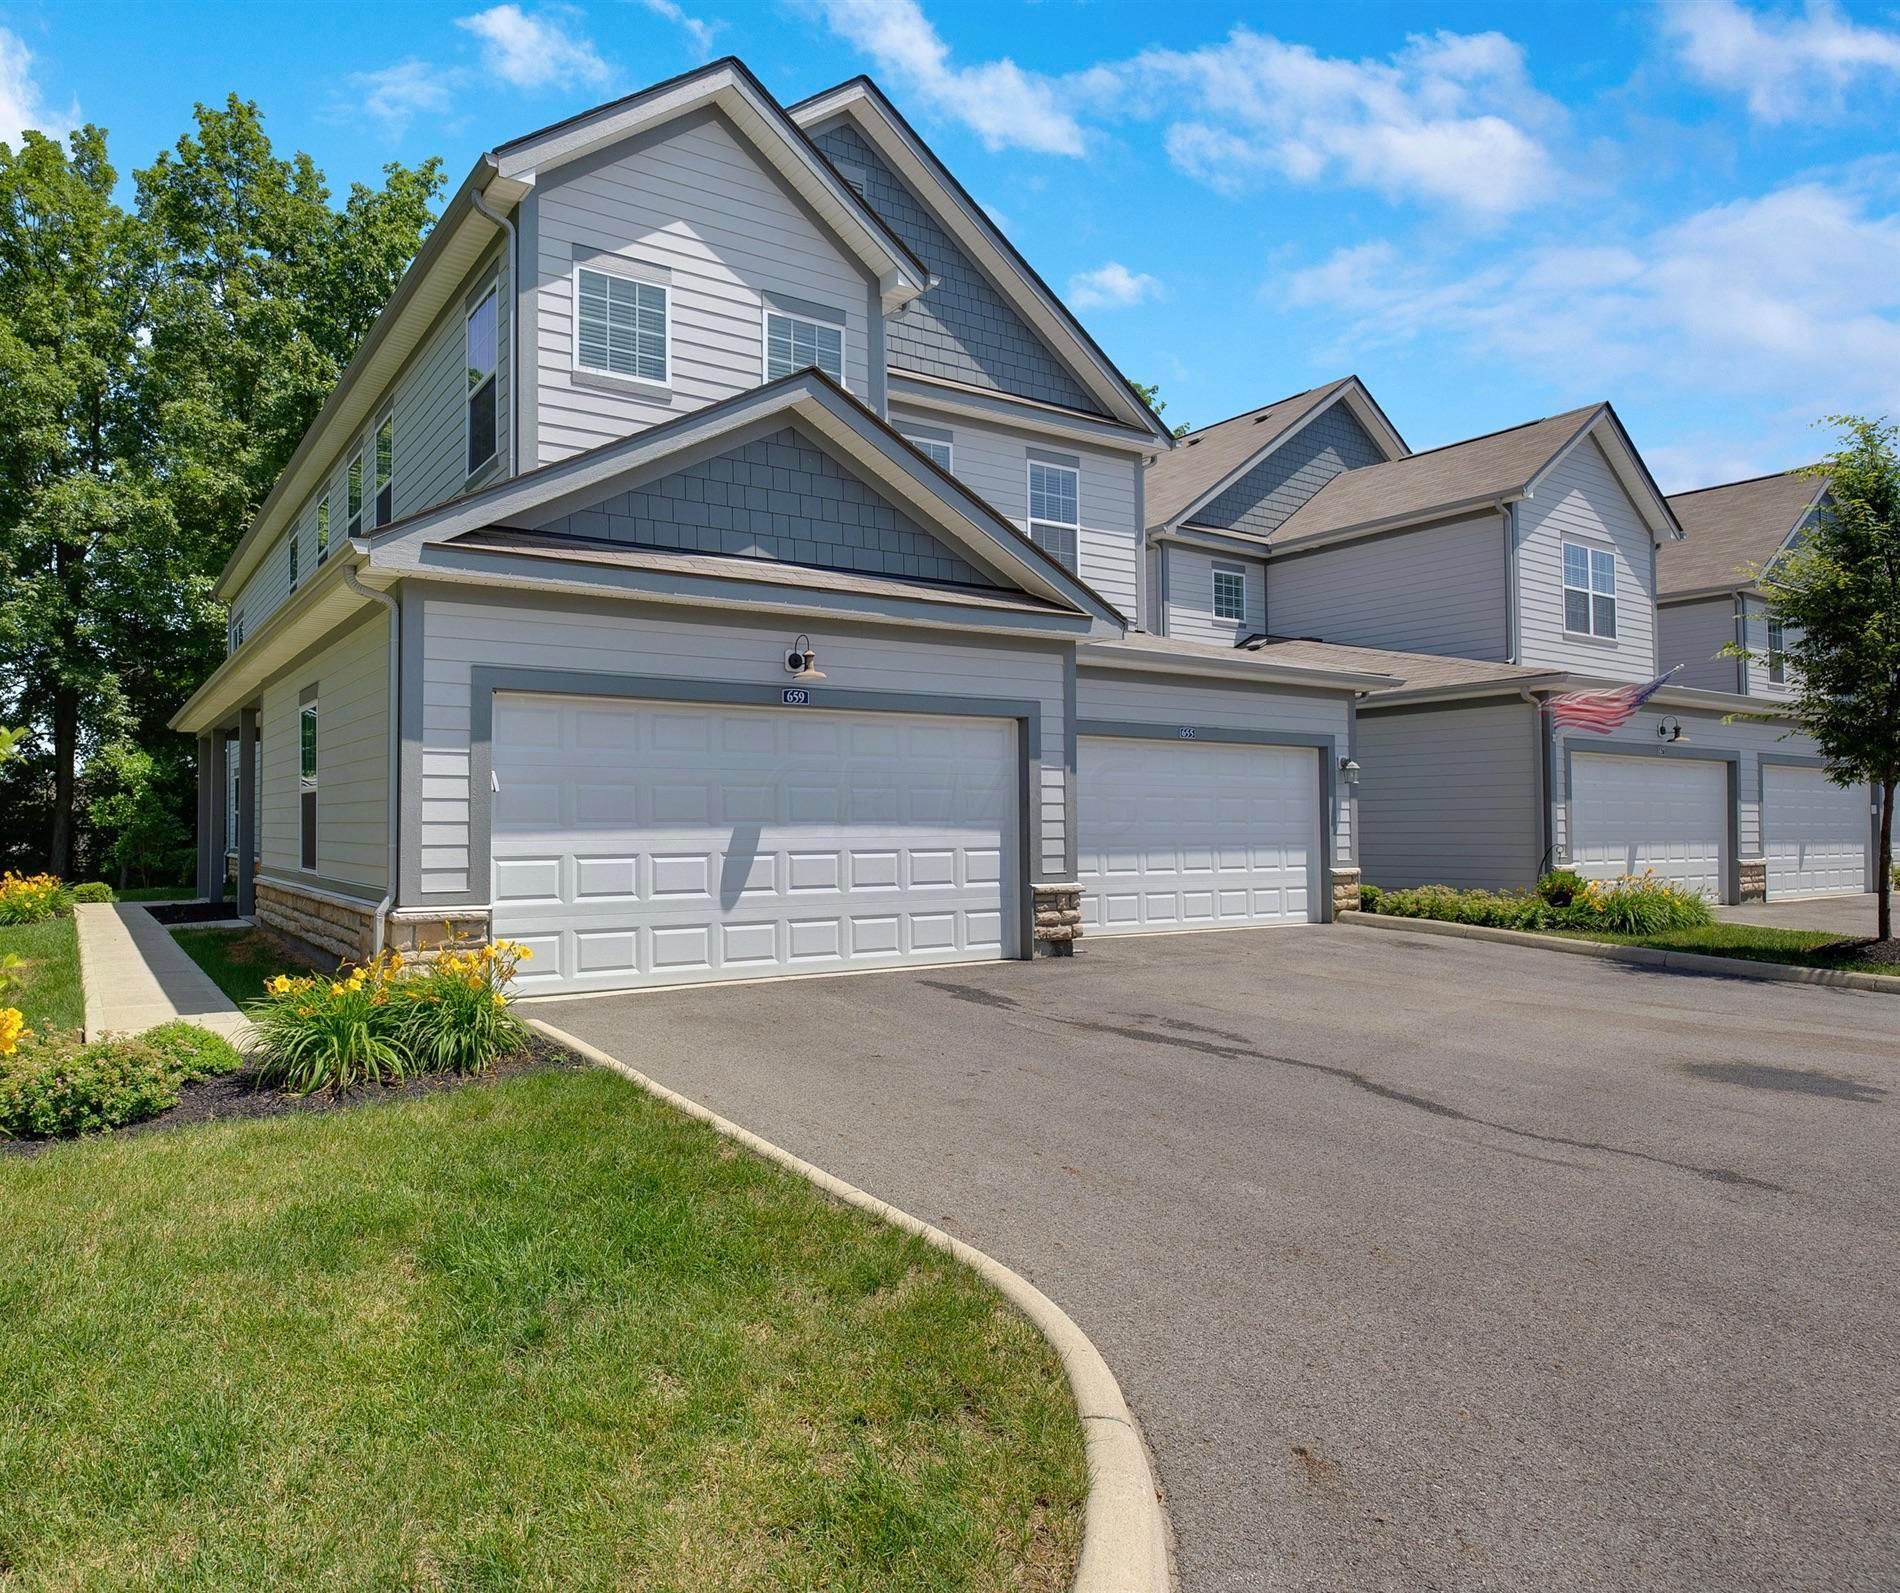 659 Wintergreen Way, Lewis Center, Ohio 43035, 3 Bedrooms Bedrooms, ,2 BathroomsBathrooms,Residential,For Sale,Wintergreen,220021157